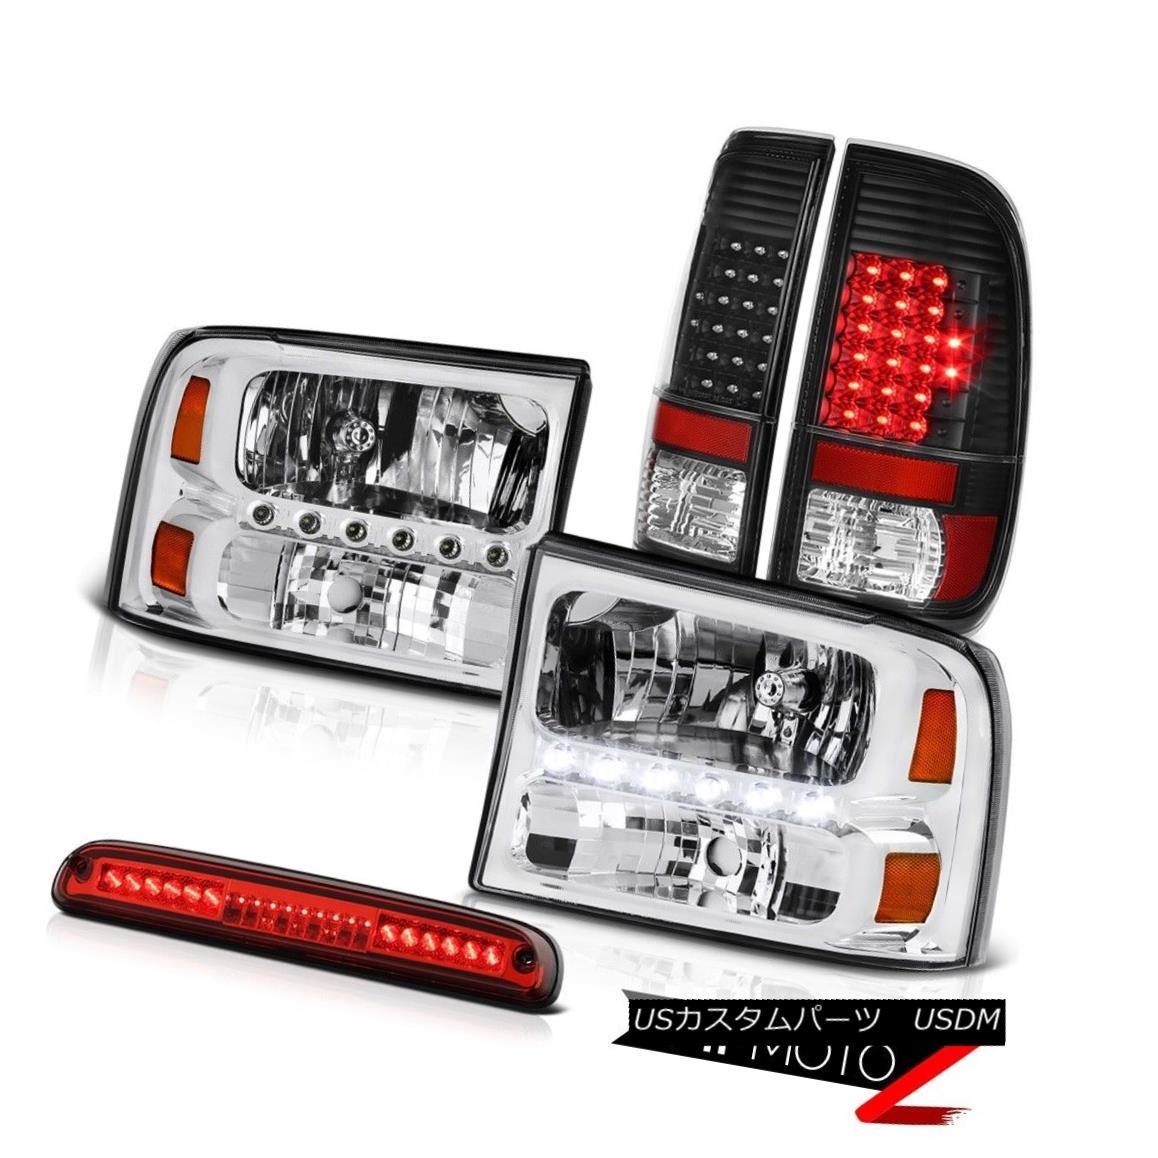 テールライト 99 00 01 02 03 04 F250 XL Clear Headlights SMD Brake Tail Lights Roof LED Red 99 00 01 02 03 04 F250 XLクリアヘッドライトSMDブレーキテールライトルーフLED赤